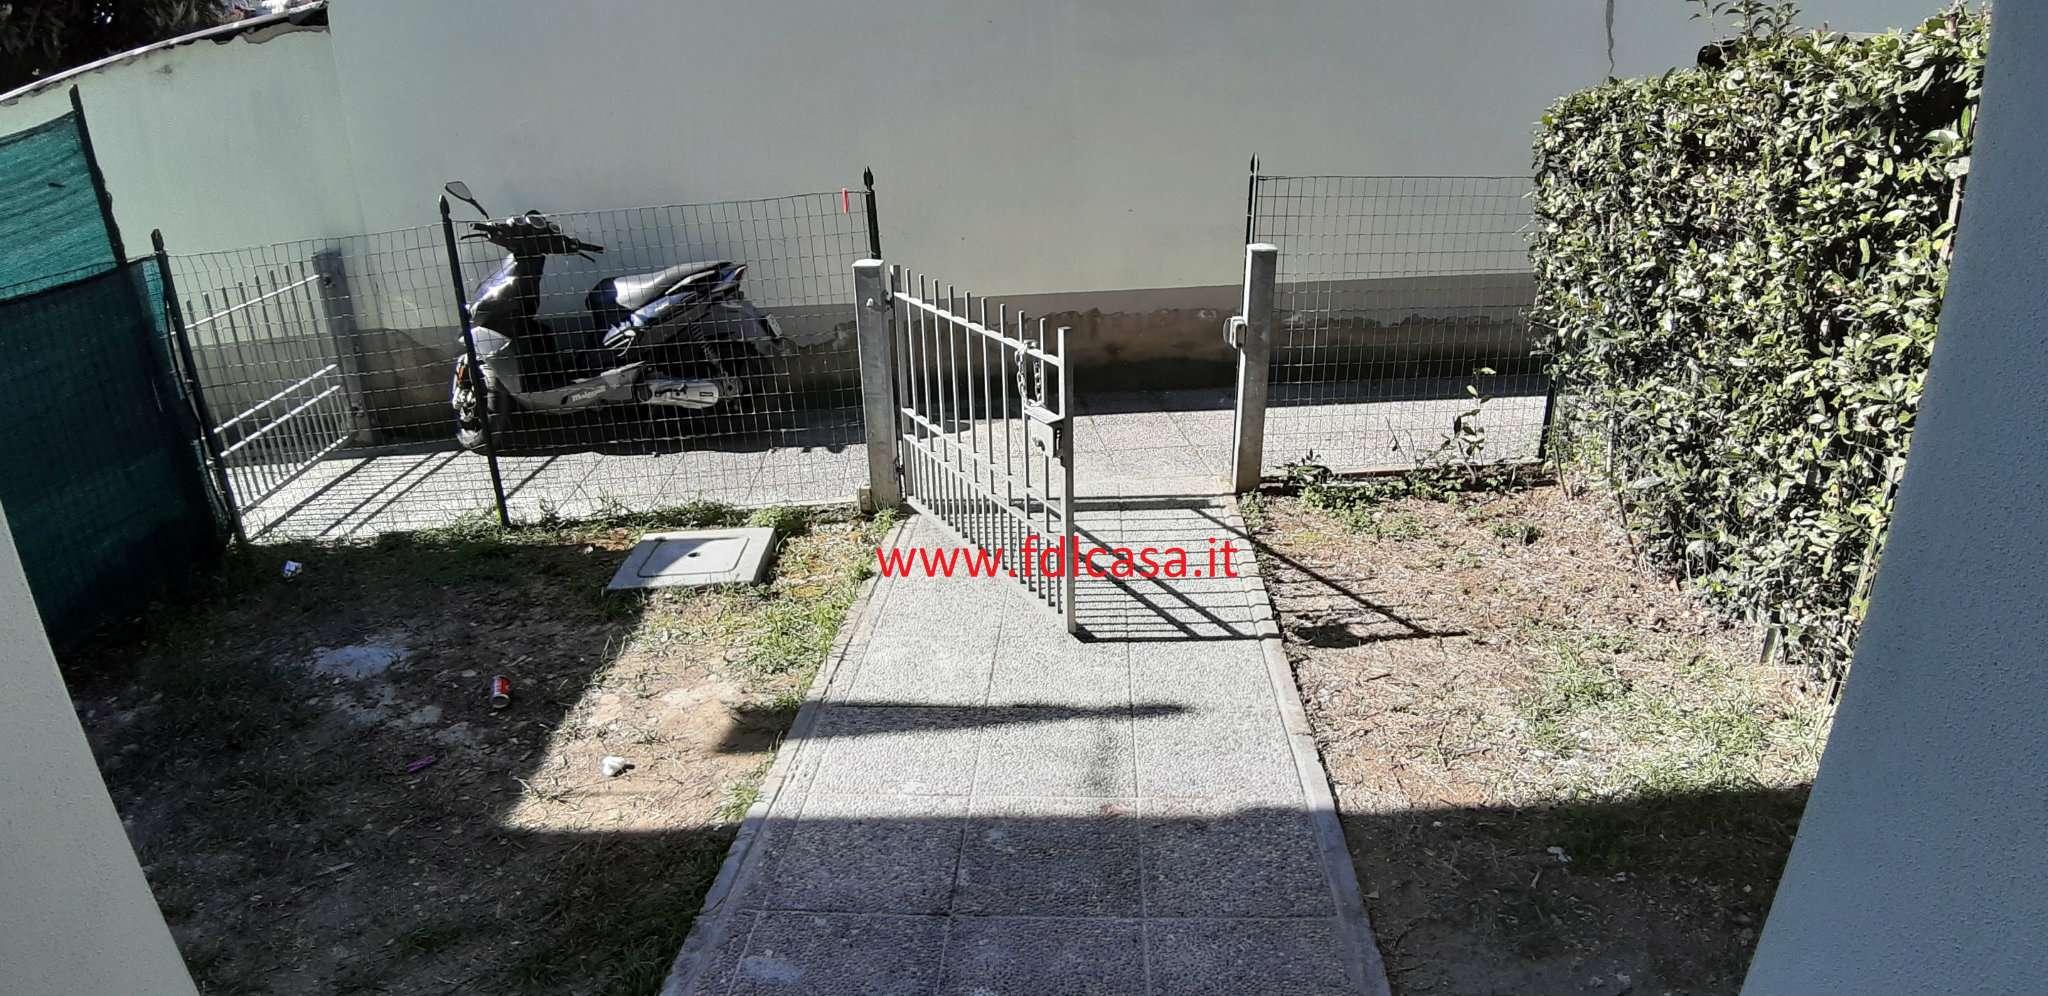 Appartamento in vendita a Fucecchio, 4 locali, prezzo € 95.000 | CambioCasa.it